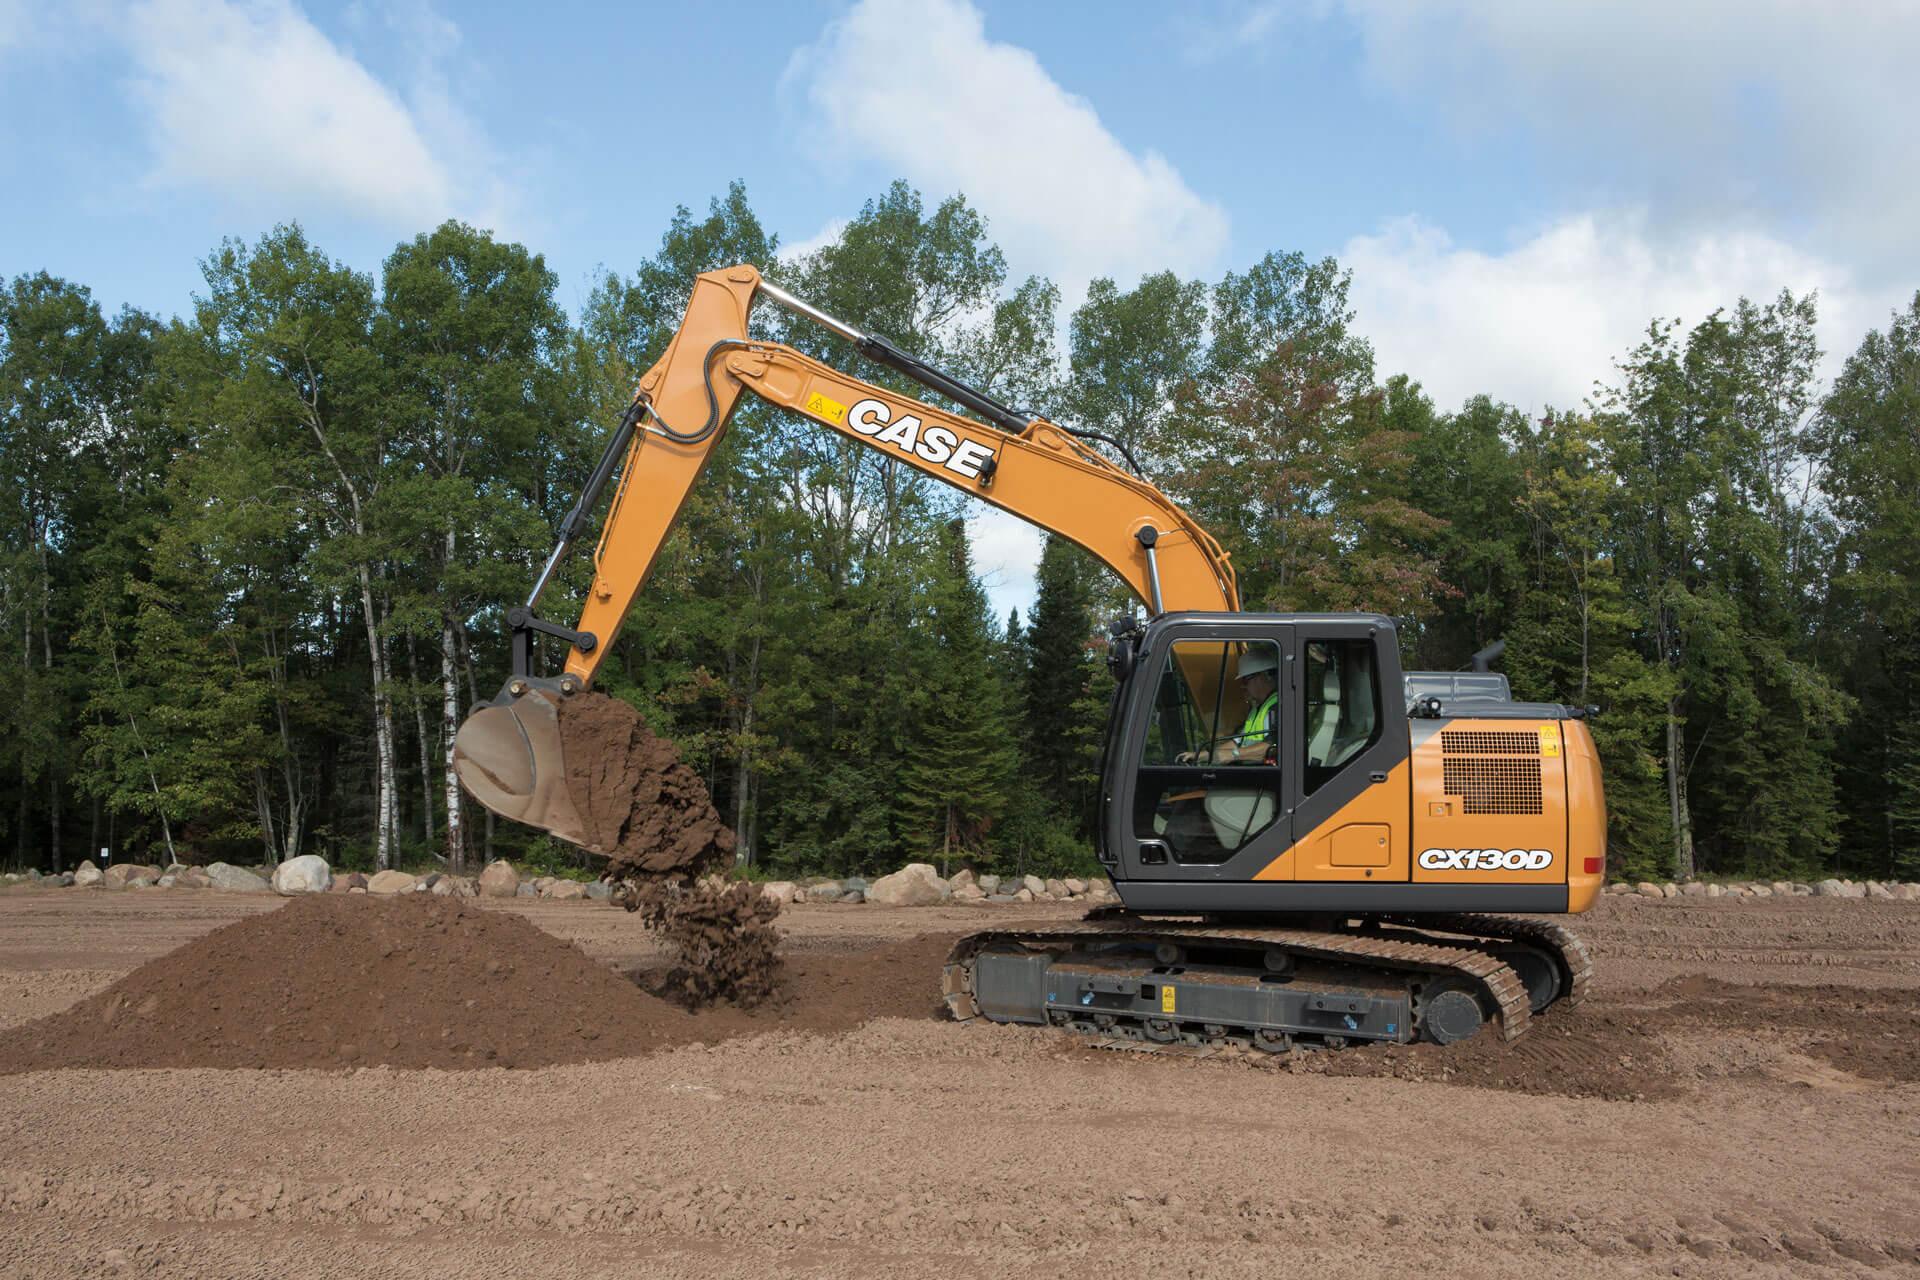 Case Cx130d Excavator Specs 2017 2020 Diggers Lectura Specs